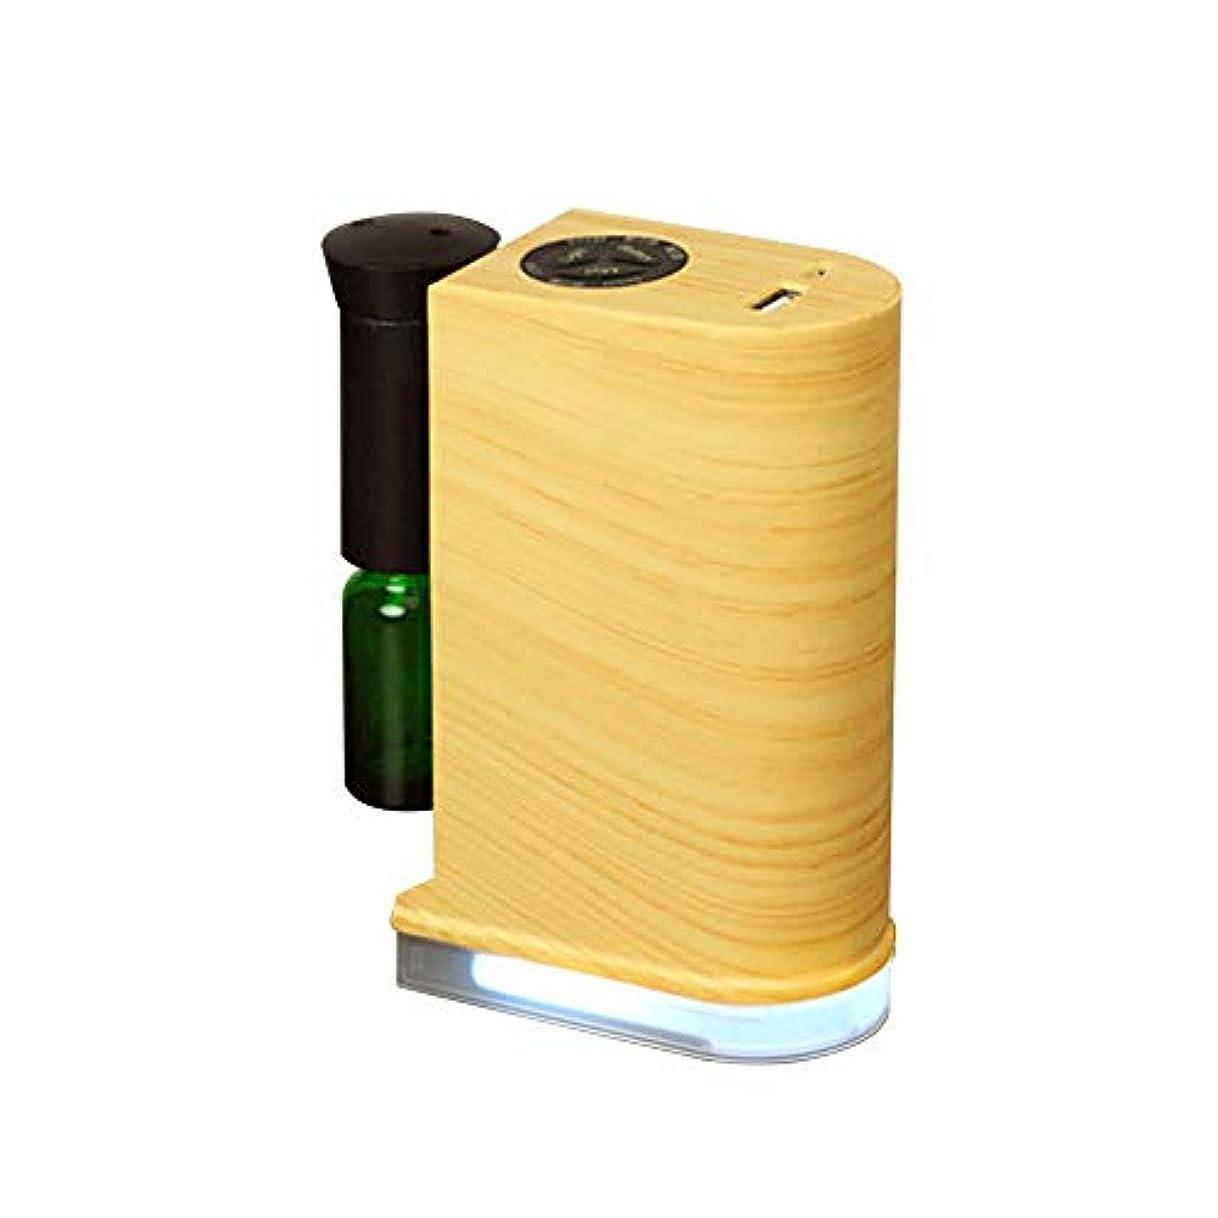 ネブライザー式アロマディフューザー 水を使わない アロマオイル対応 LEDライト付き スマホ充電可能 USBポート付き 木目調 (ナチュラル)